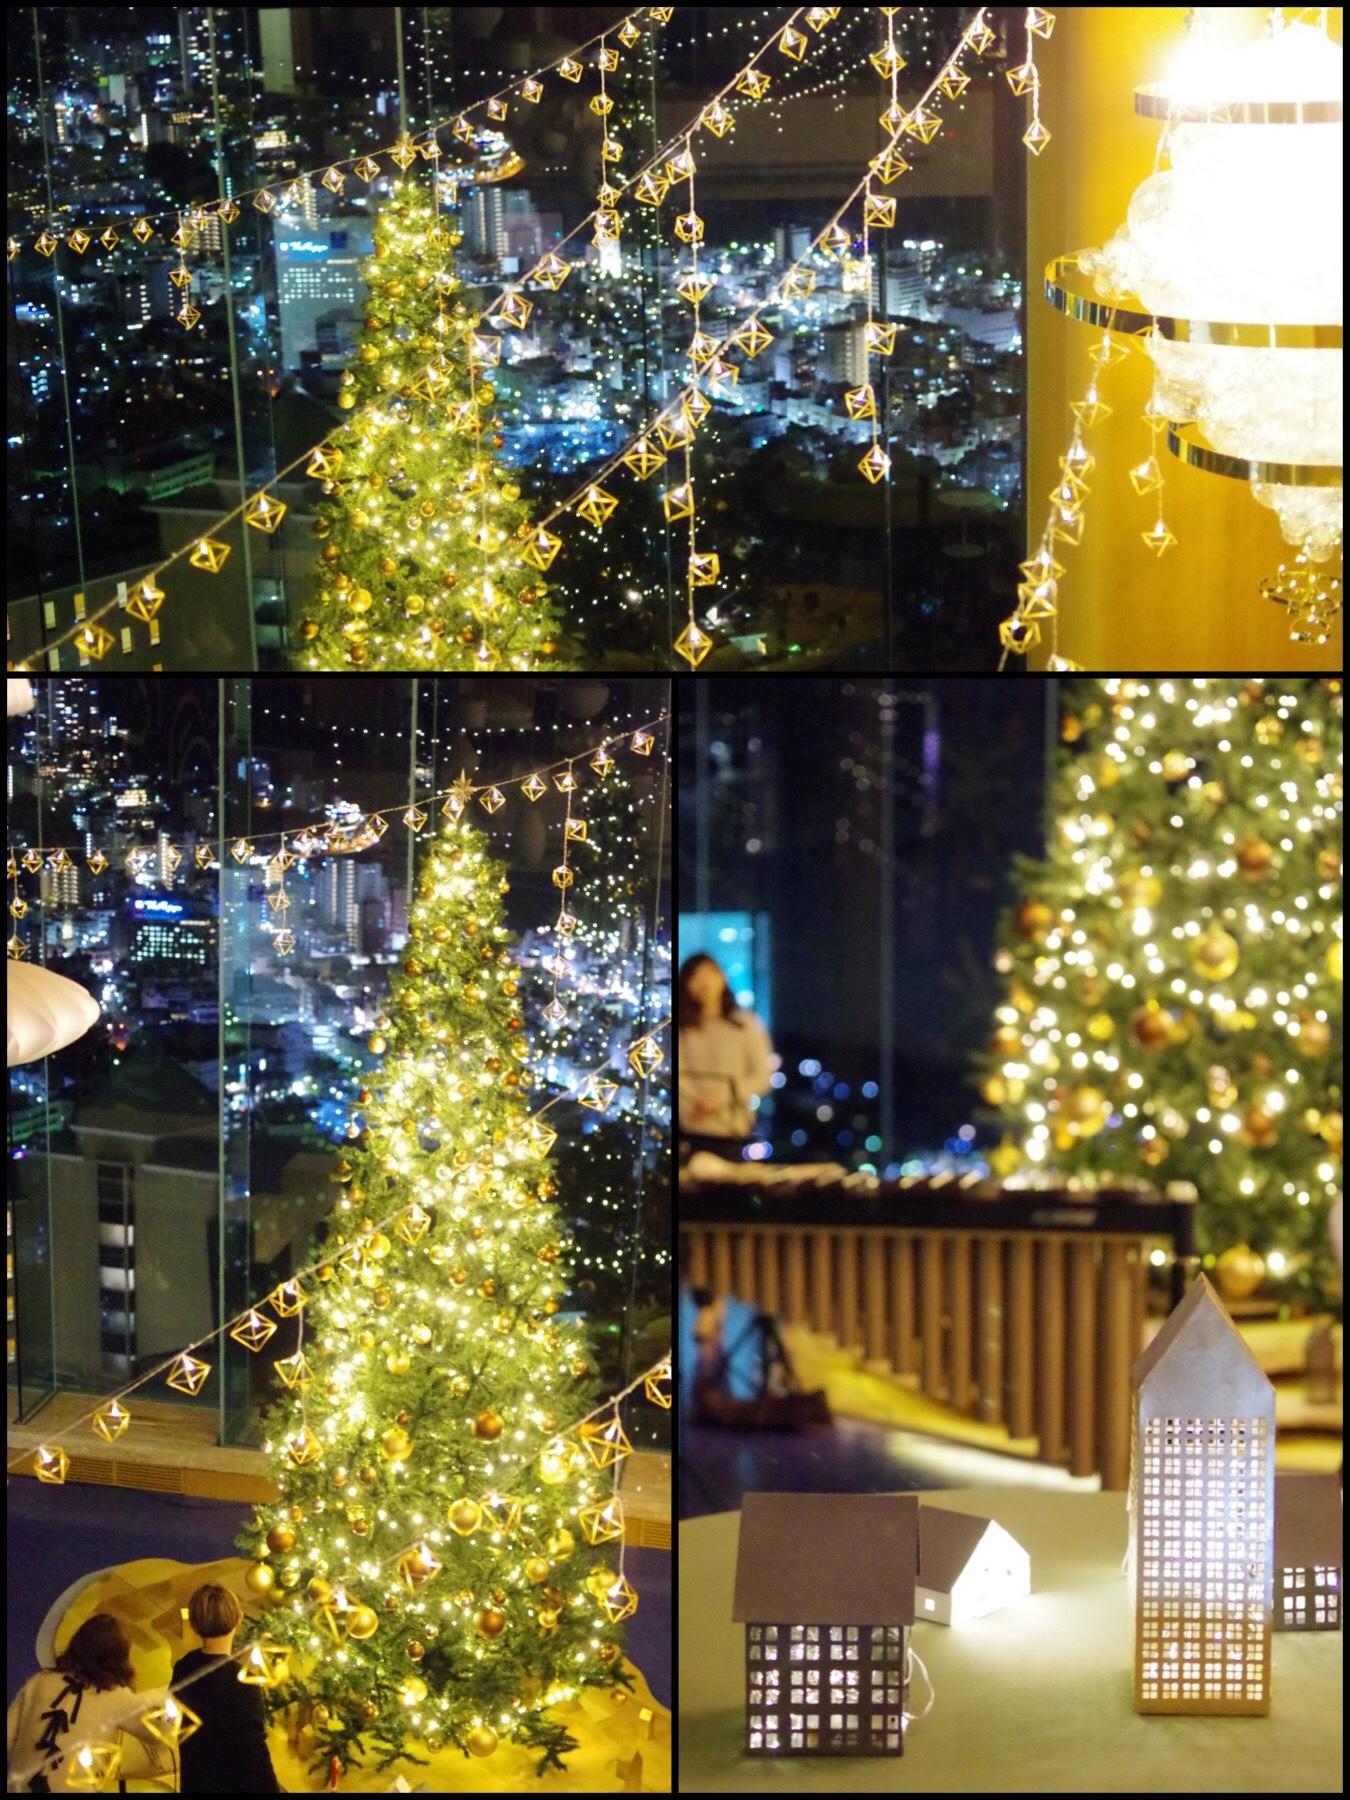 星野やリゾート リゾナーレ熱海 森の空中基地くすくす シトラスクリスマスライトアップ